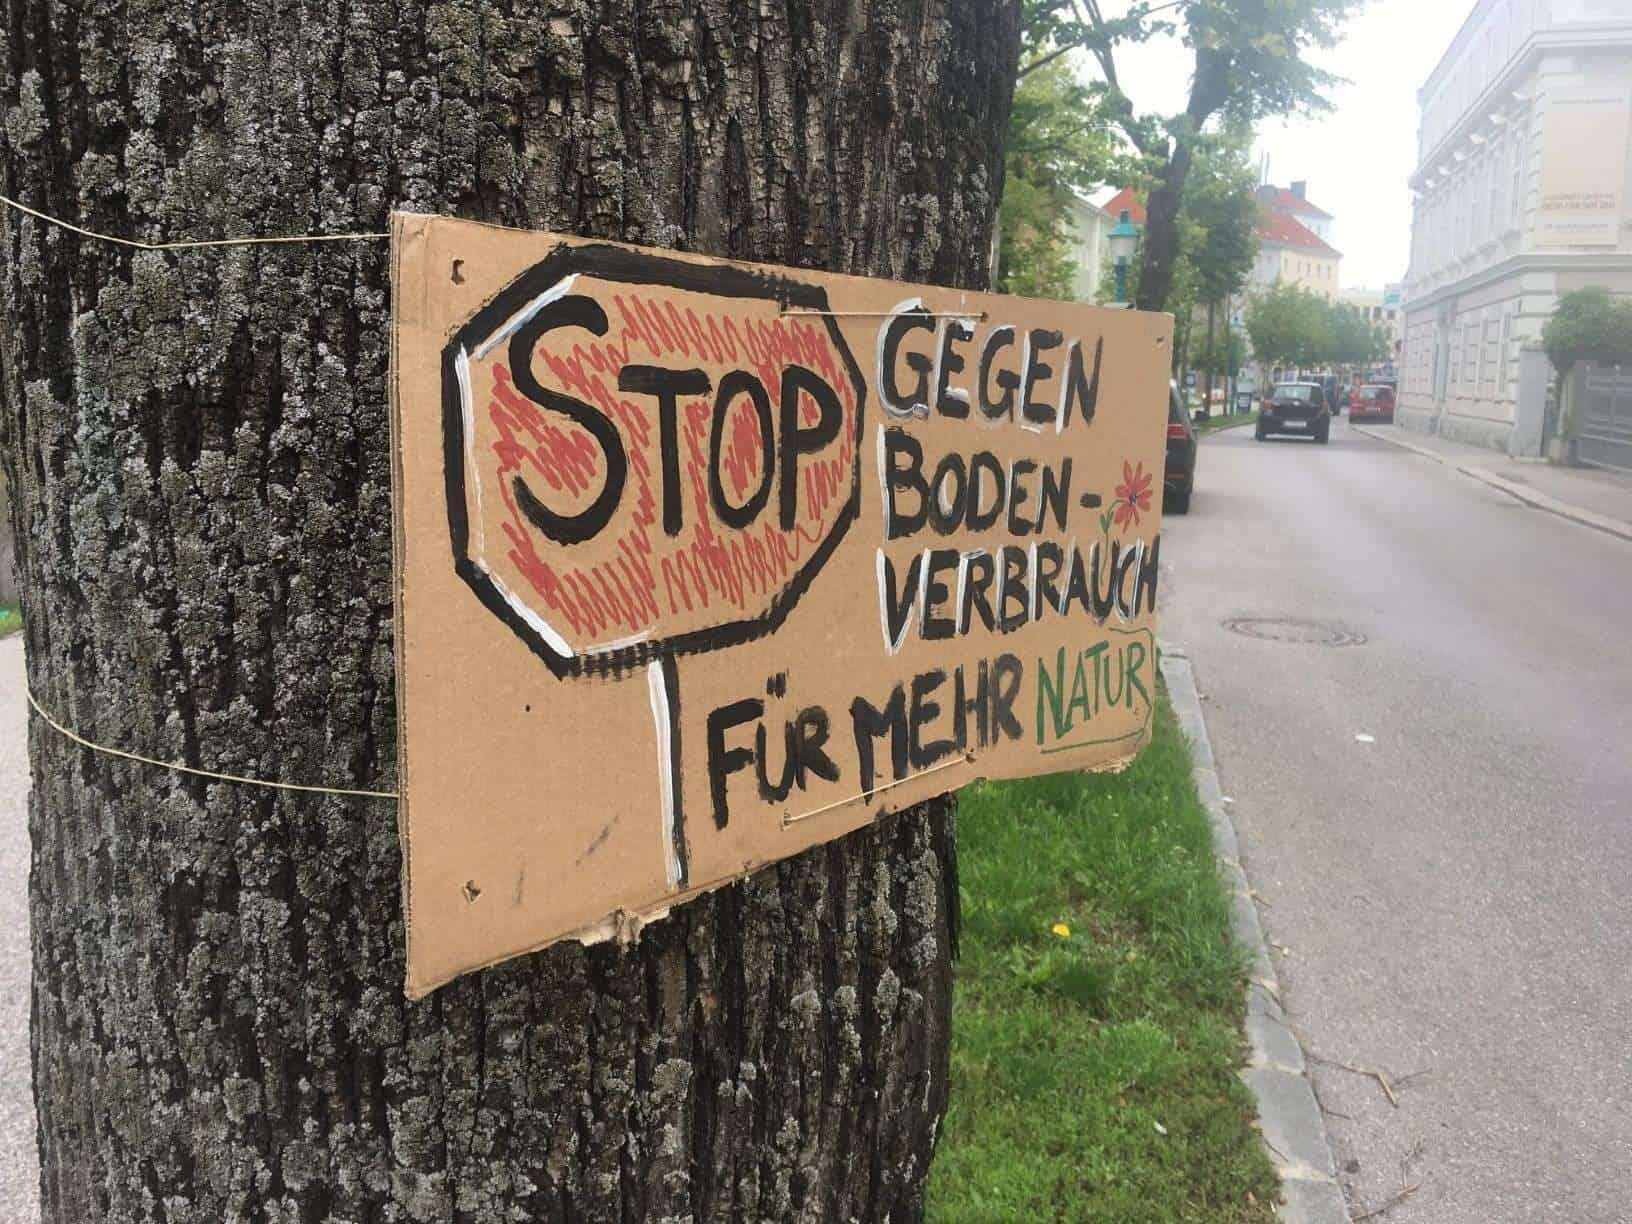 Ein Baum hält ein Schild und demonstriert gegen Bodenverbrauch und mehr Natur(Aktion #aufbäumen)